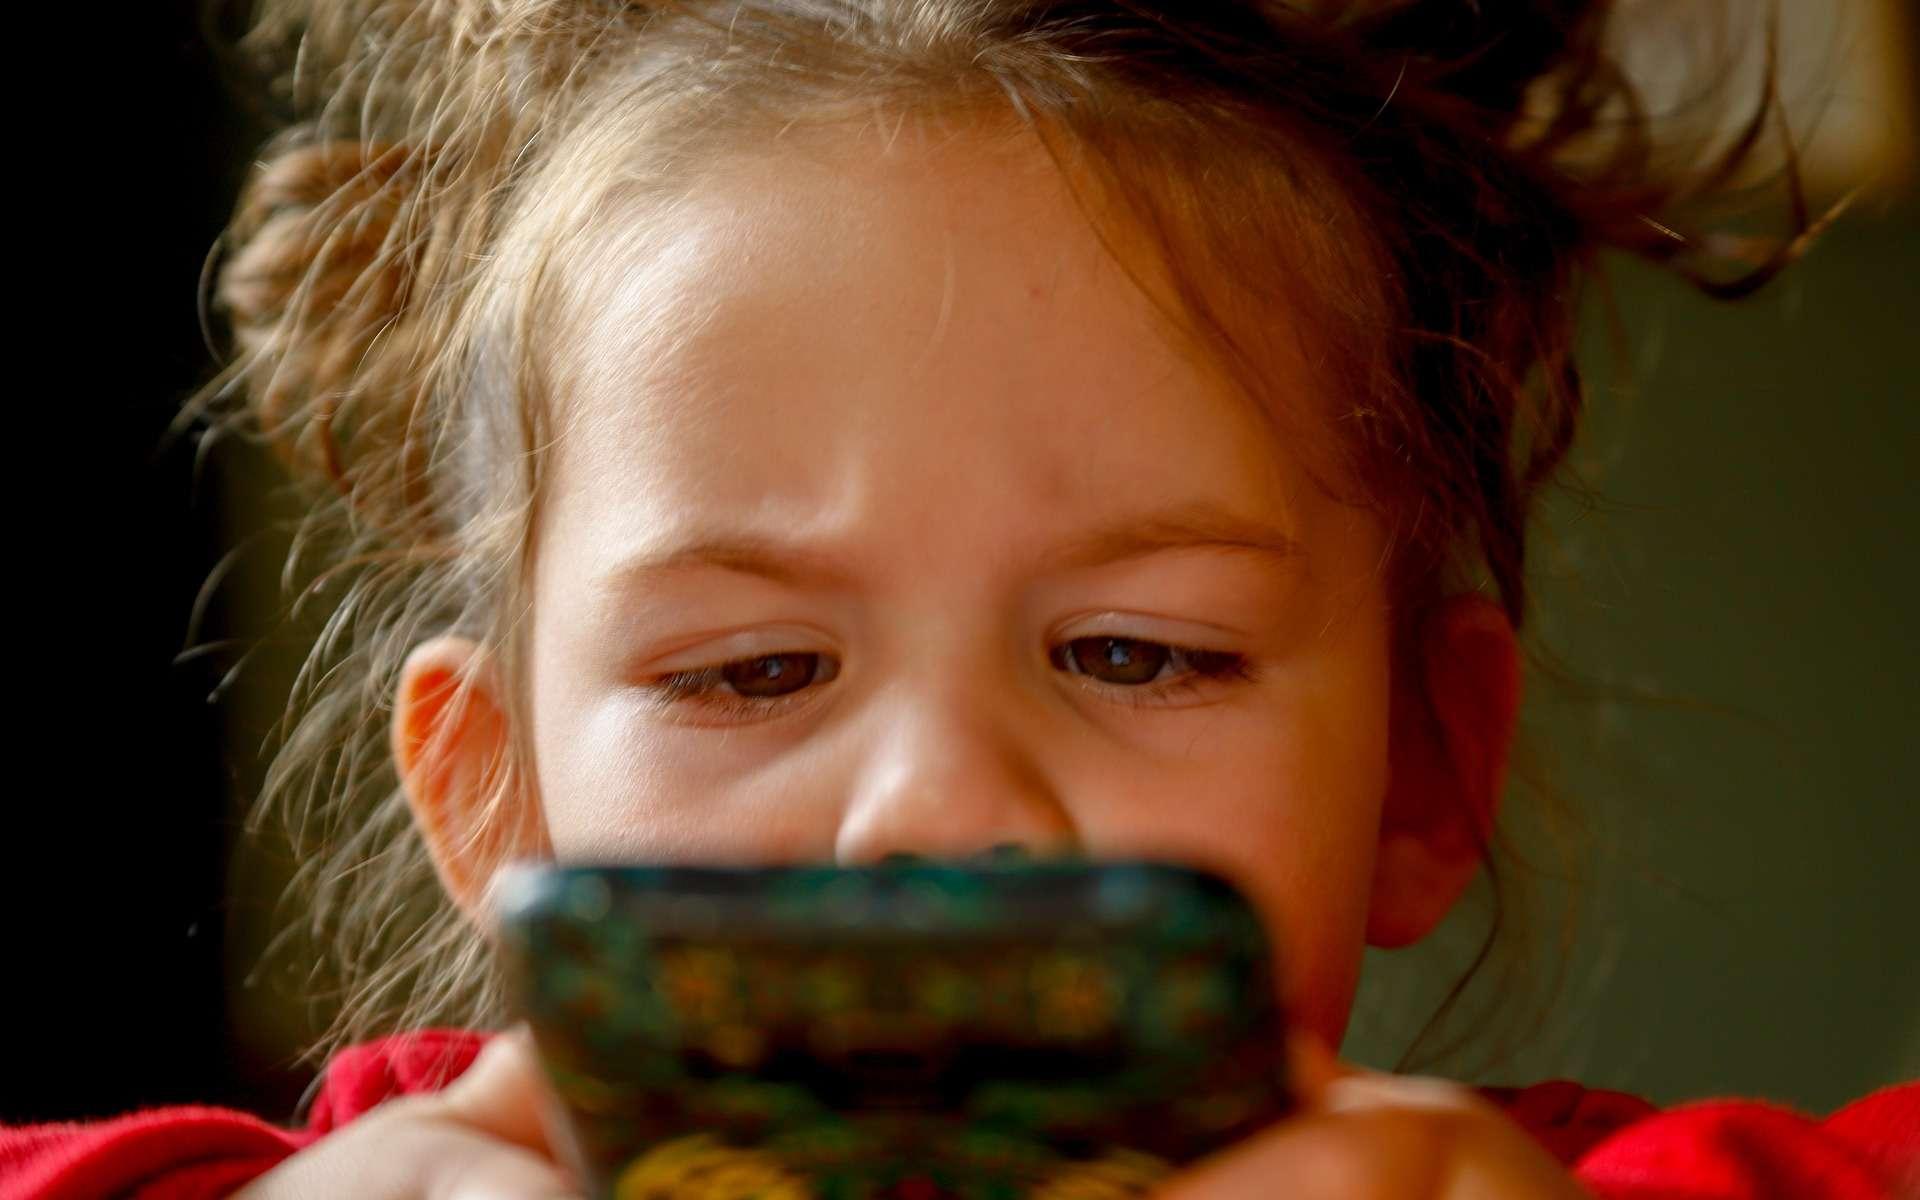 Les régies publicitaires n'hésitent pas à collecter les données personnelles des enfants et adolescents. © Mirko Sajkov, Pixabay